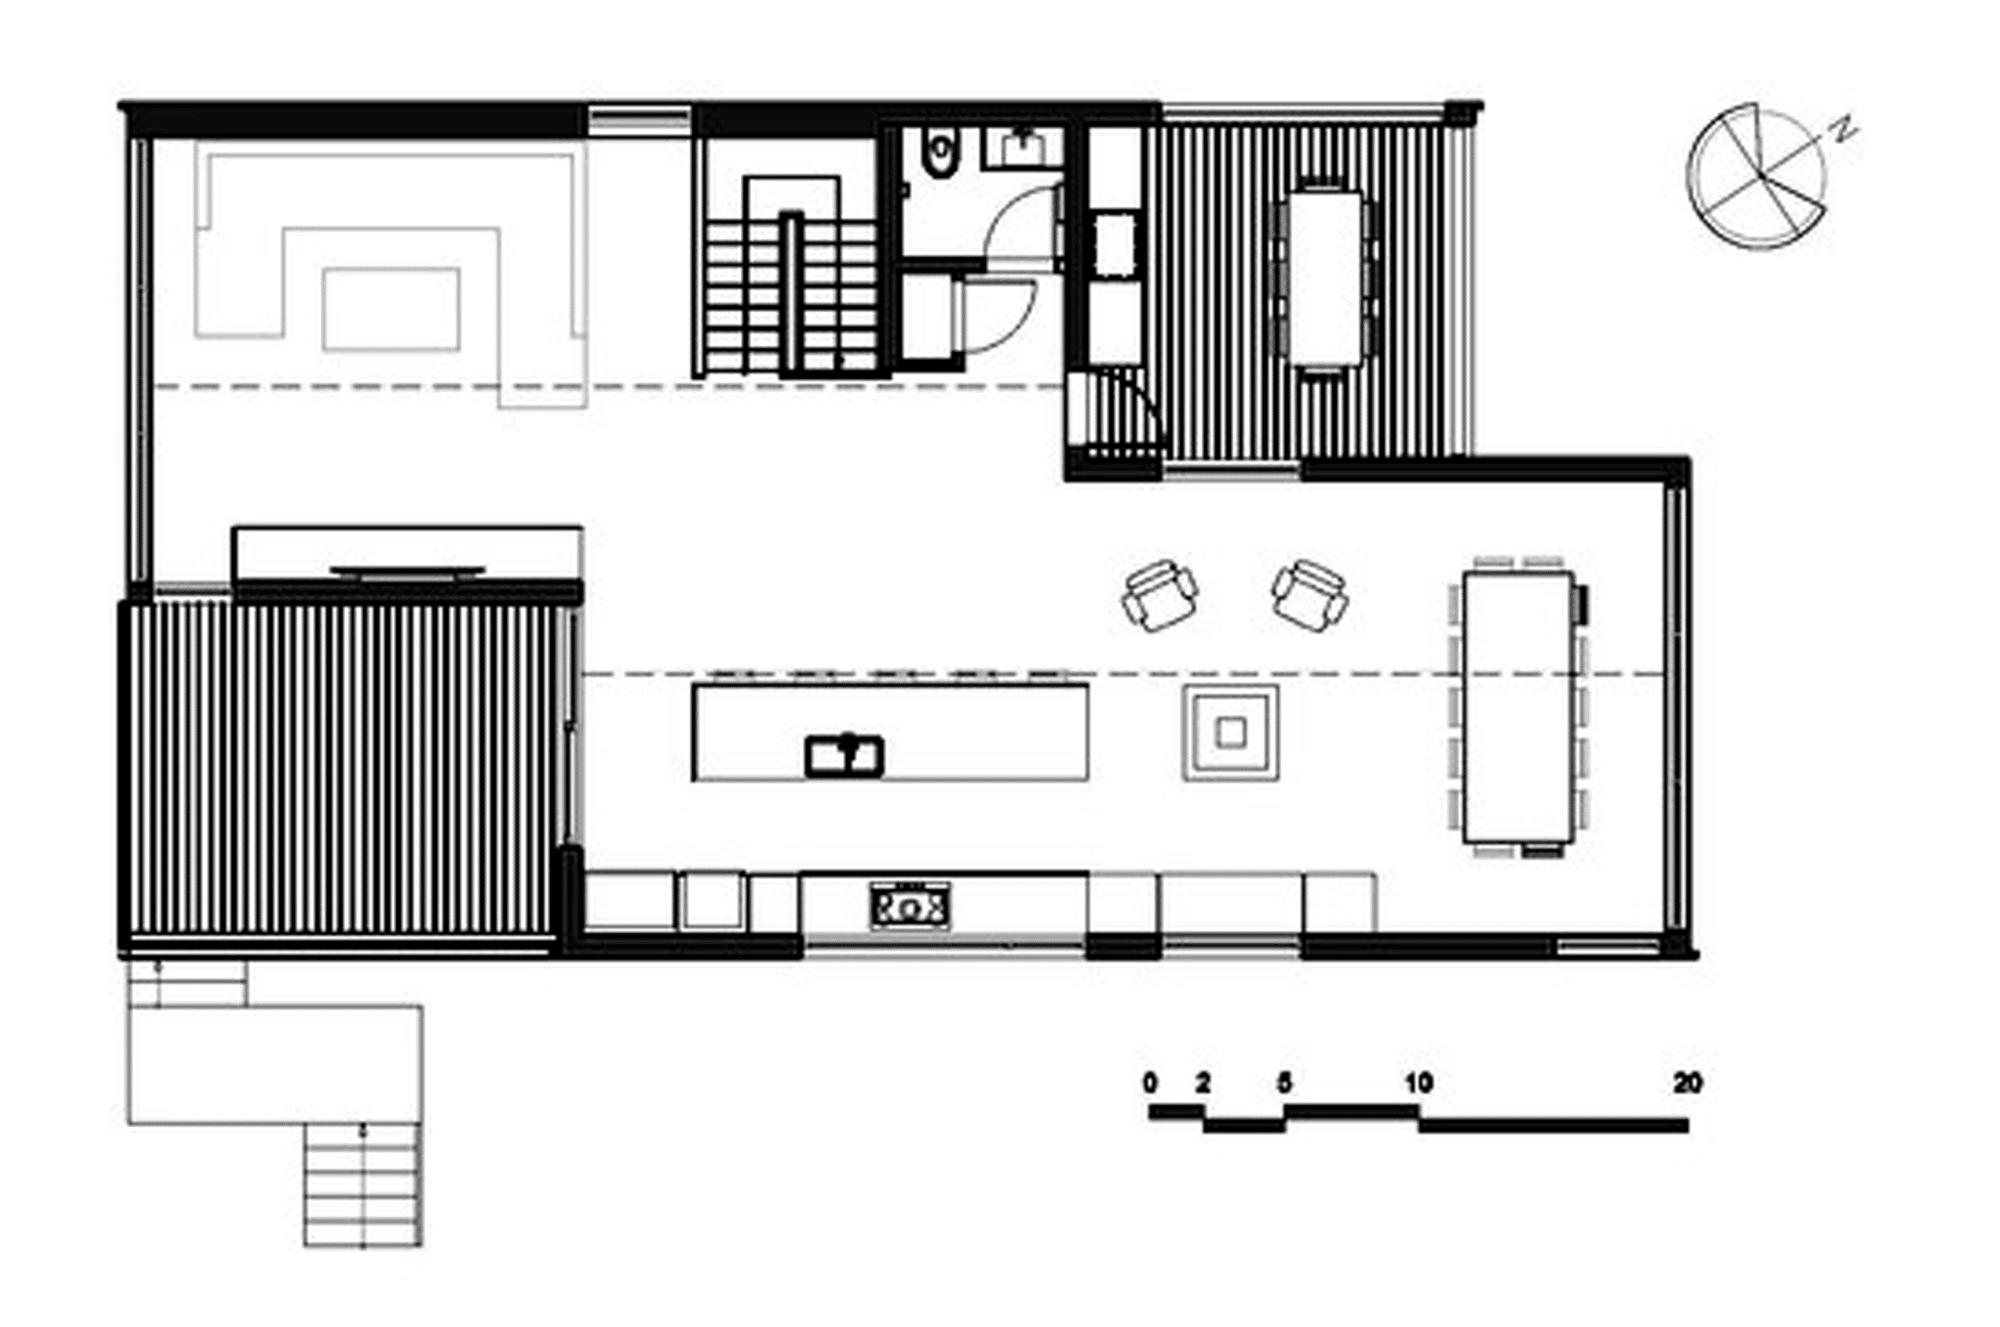 Dise o de casa moderna de dos pisos m s s tano planos for Planos de la cocina